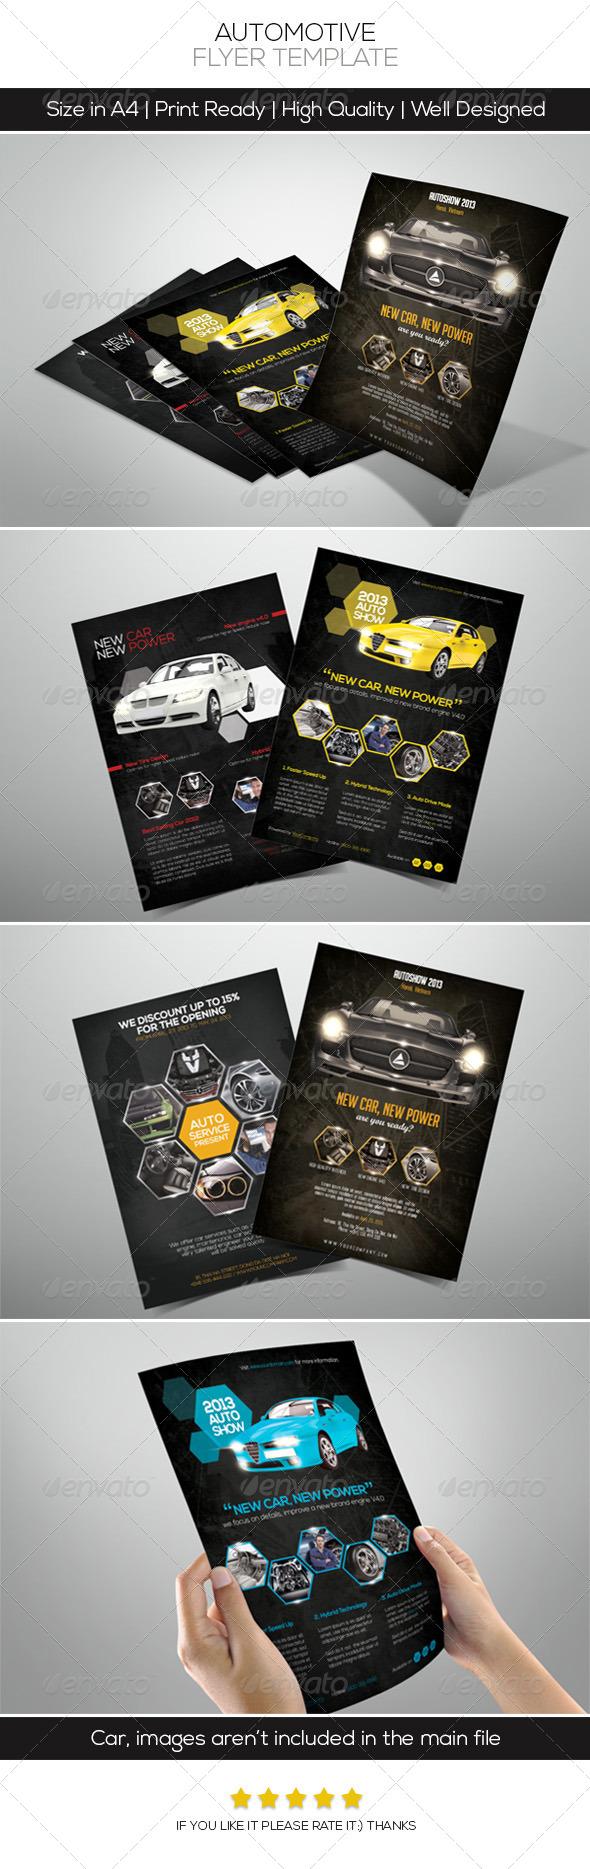 Premium Automotive Flyers - Commerce Flyers